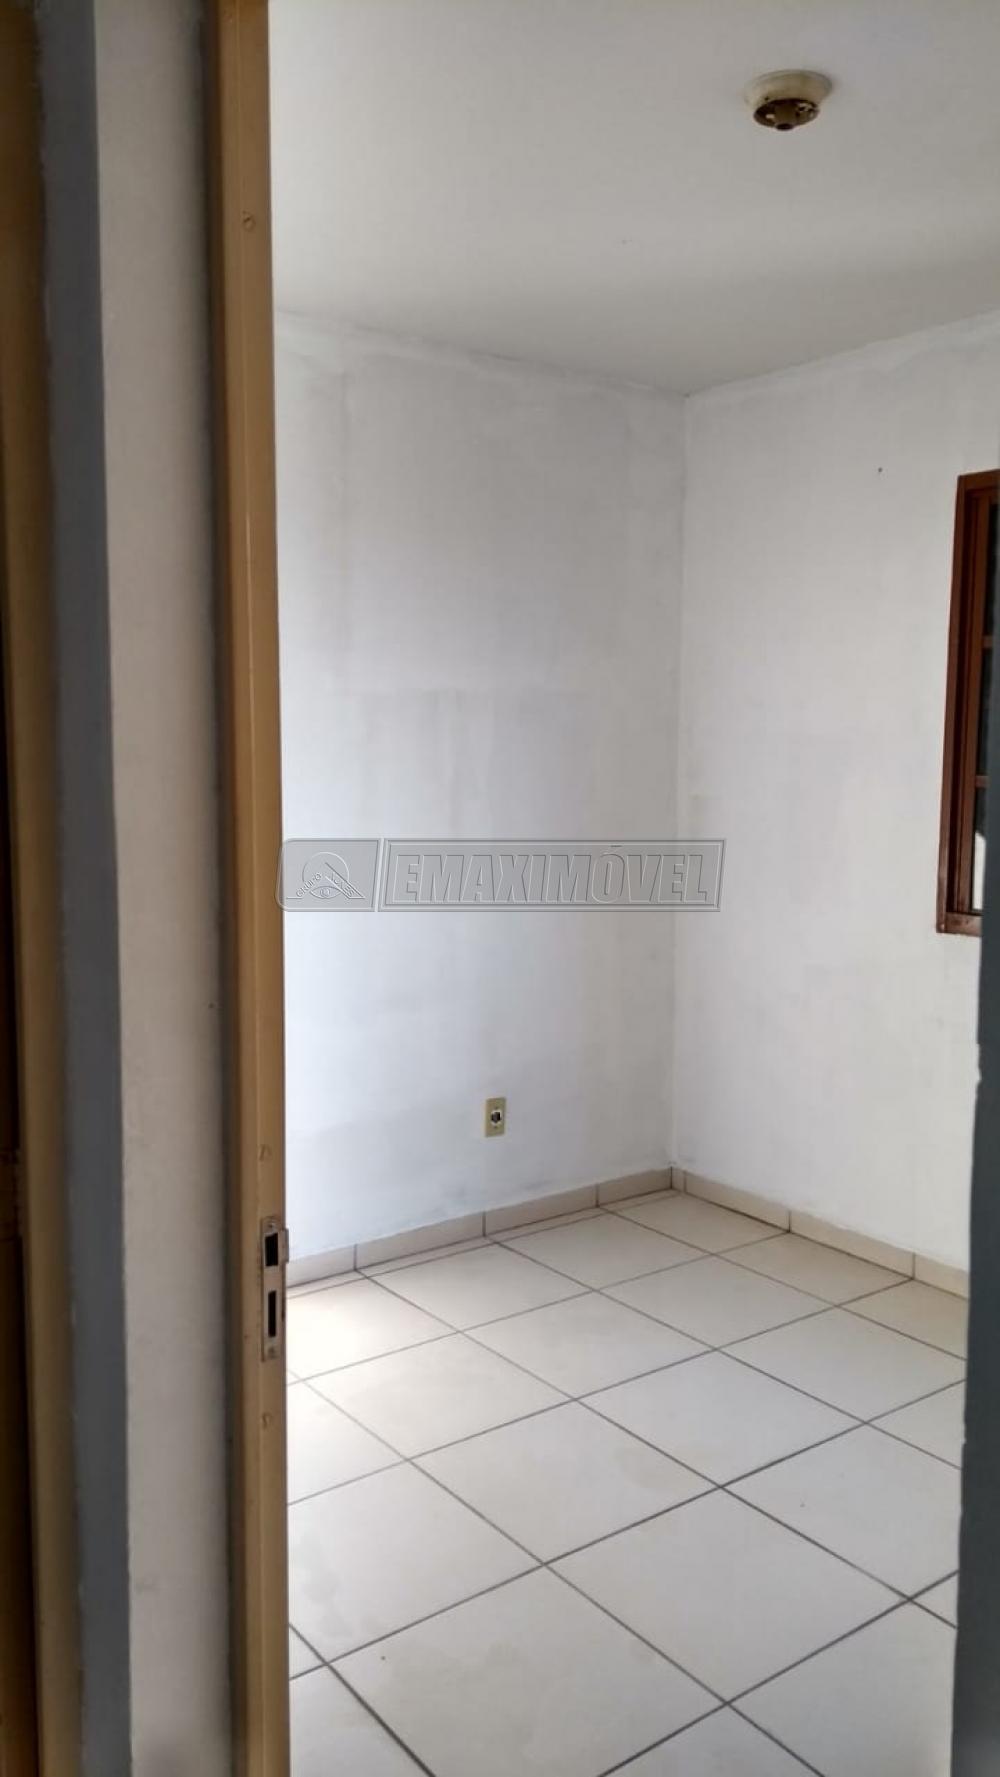 Alugar Apartamentos / Apto Padrão em Sorocaba apenas R$ 700,00 - Foto 14